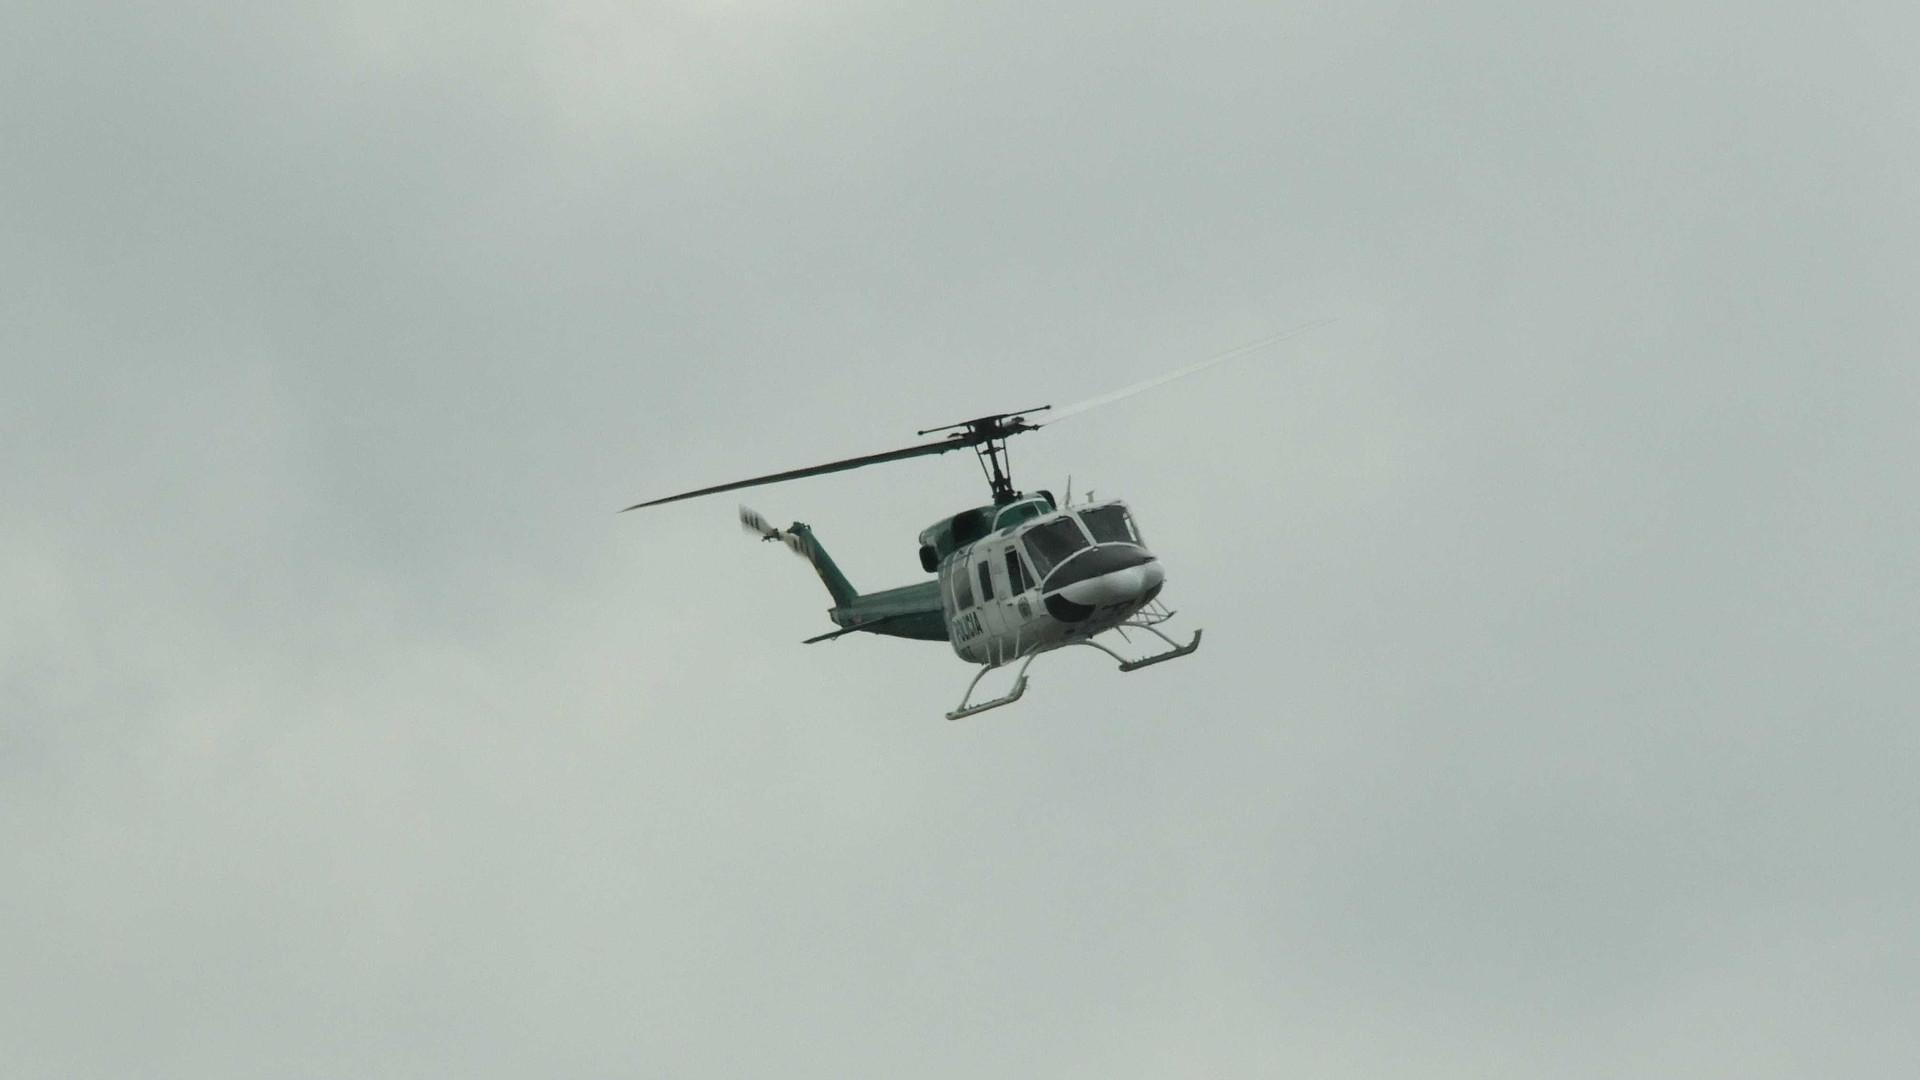 Polícia liga aeronave retida com ex-piloto de deputado à morte de Gegê